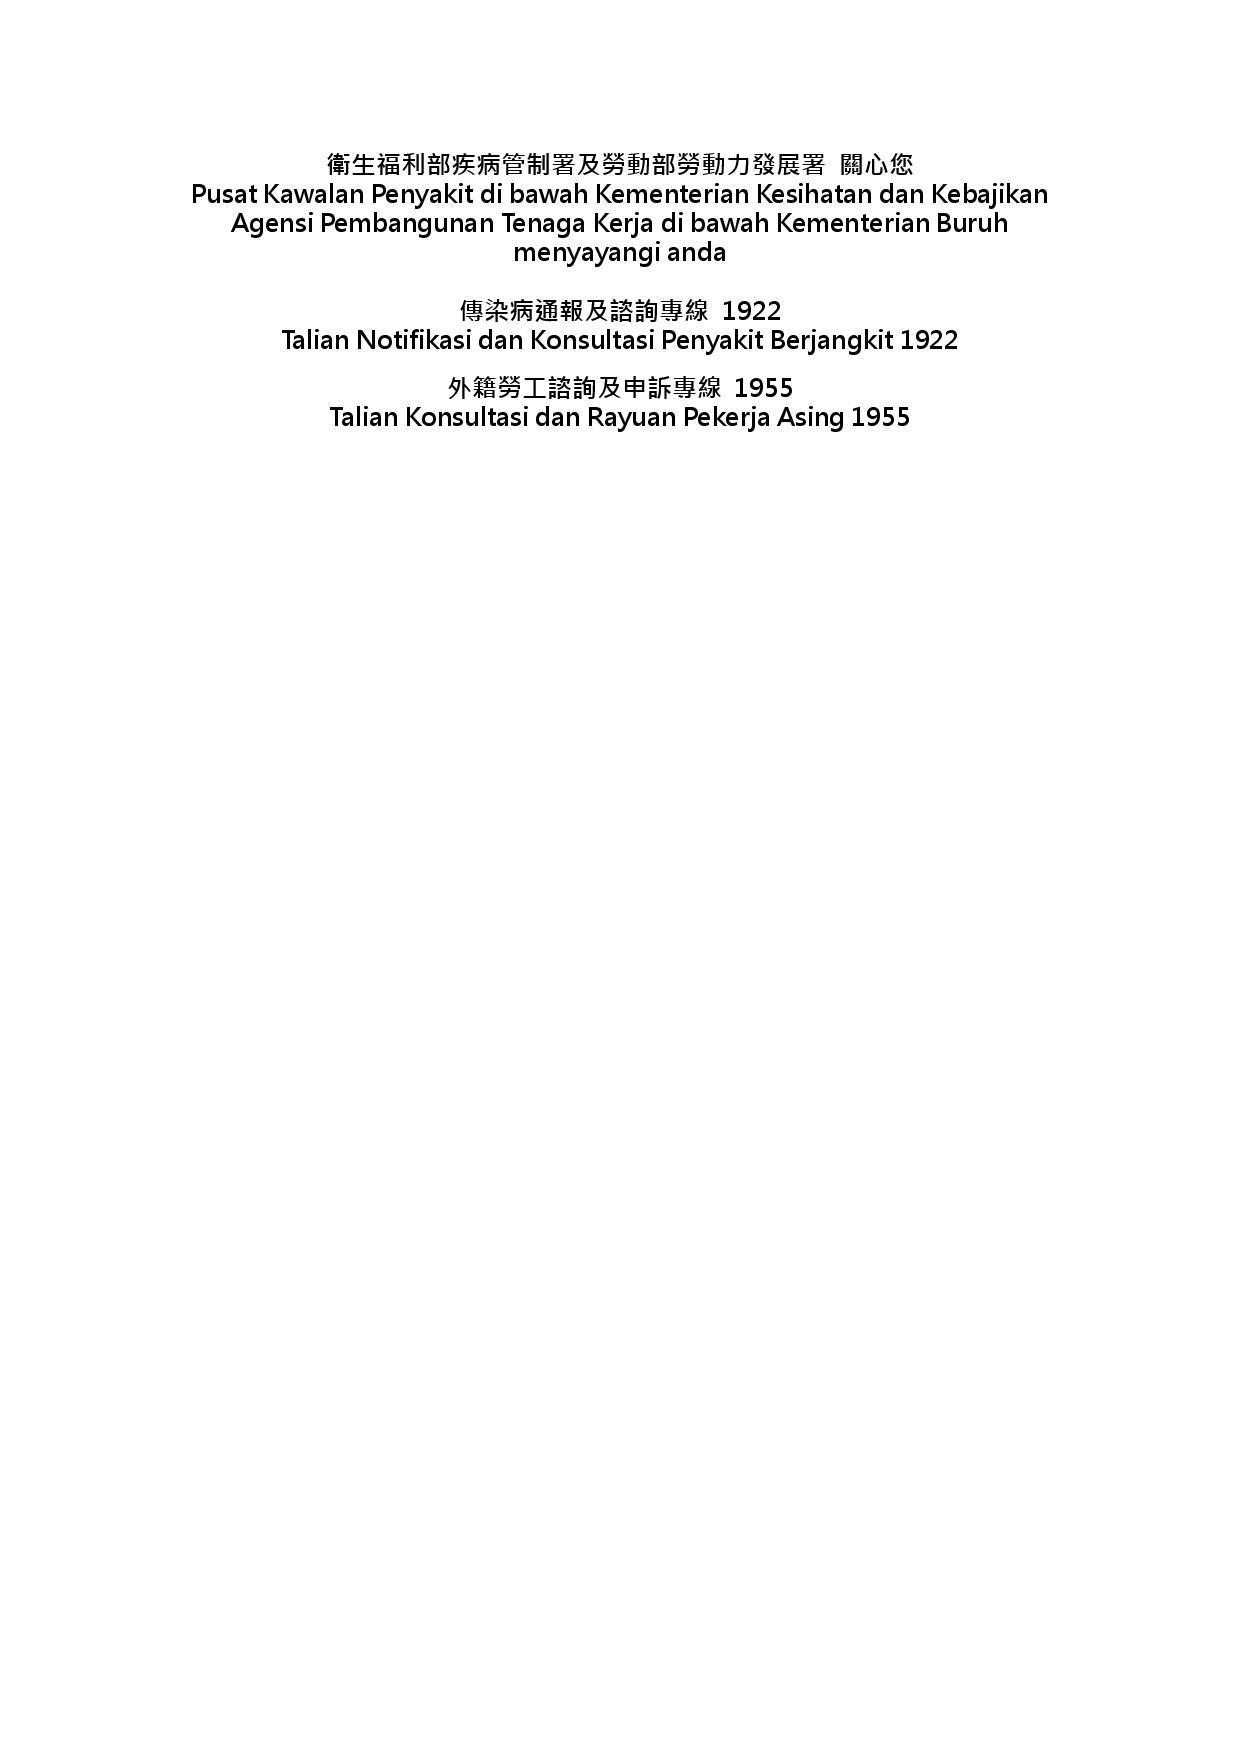 詳如附件【klik saya】Untuk mencegah penyakit taun(Halaman 3)預防霍亂,勿生飲生食,落實勤洗手的良好衛生習慣(馬來文)